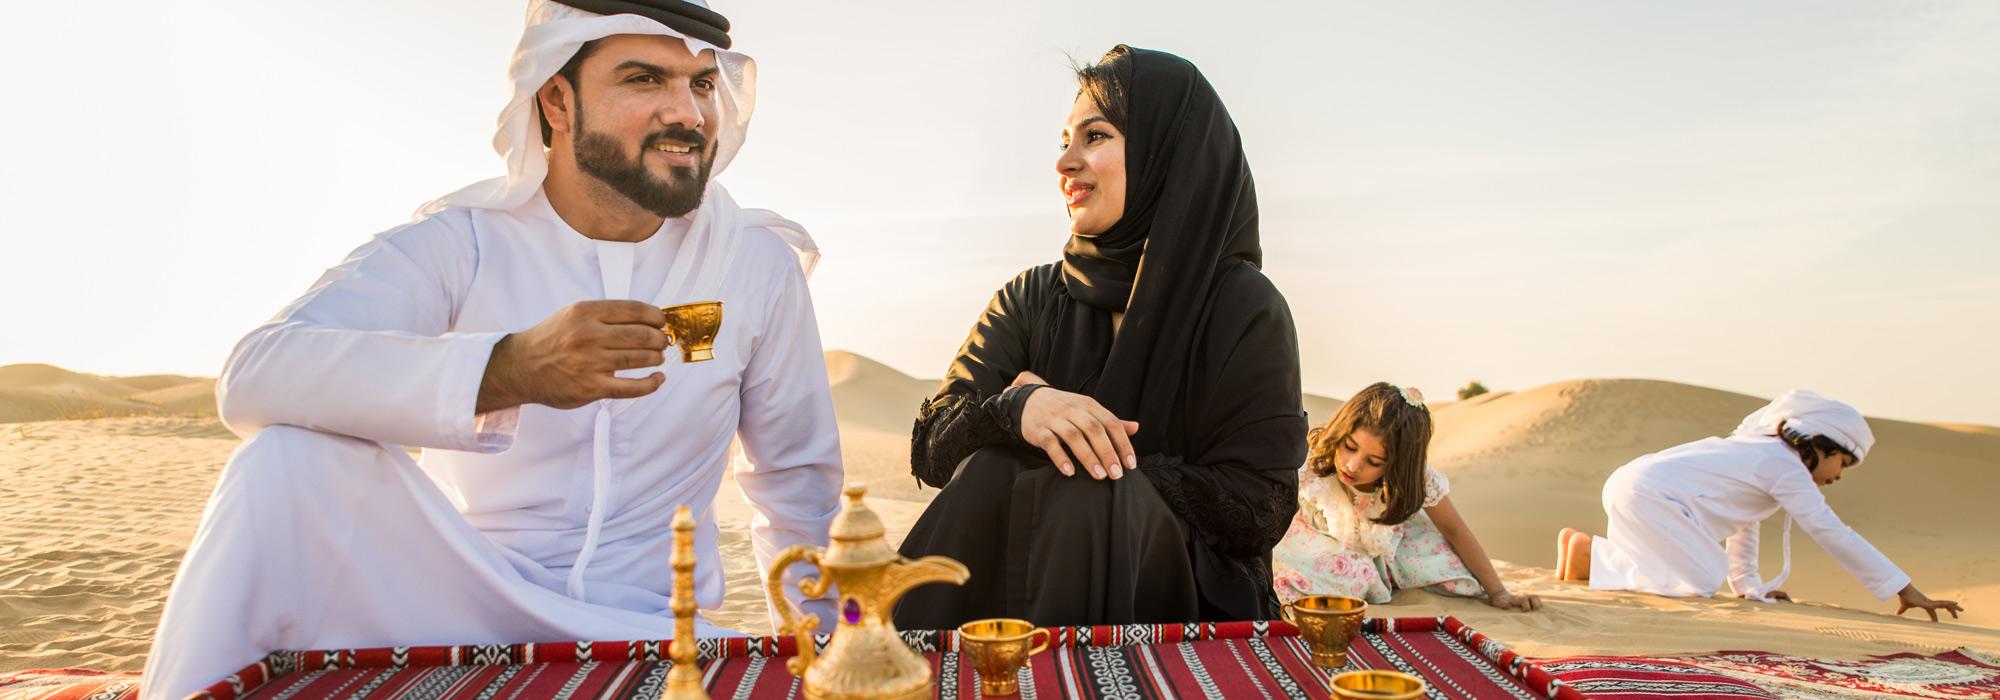 Arabisches Paar in der Wüste Dubais